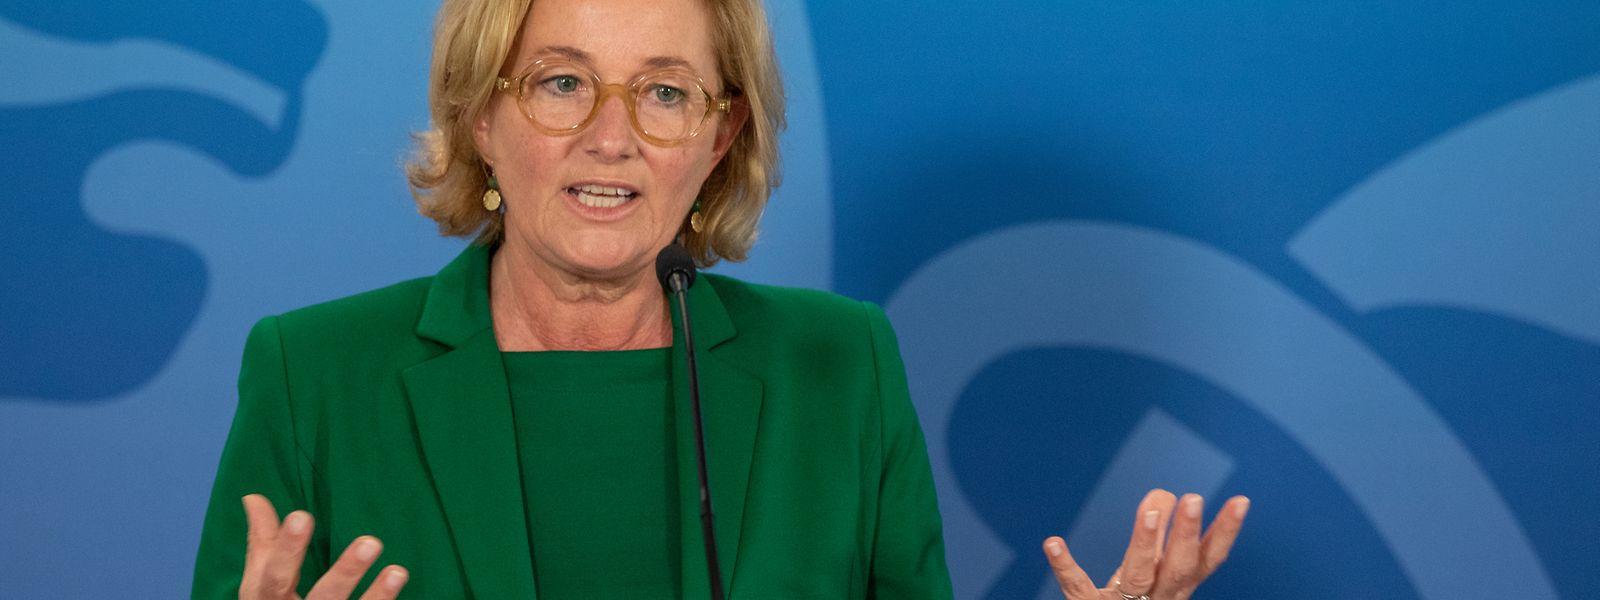 Gesundheitsministerin Paulette Lenert: Erstmals steht eine Frau auf Platz eins im Politmonitor.